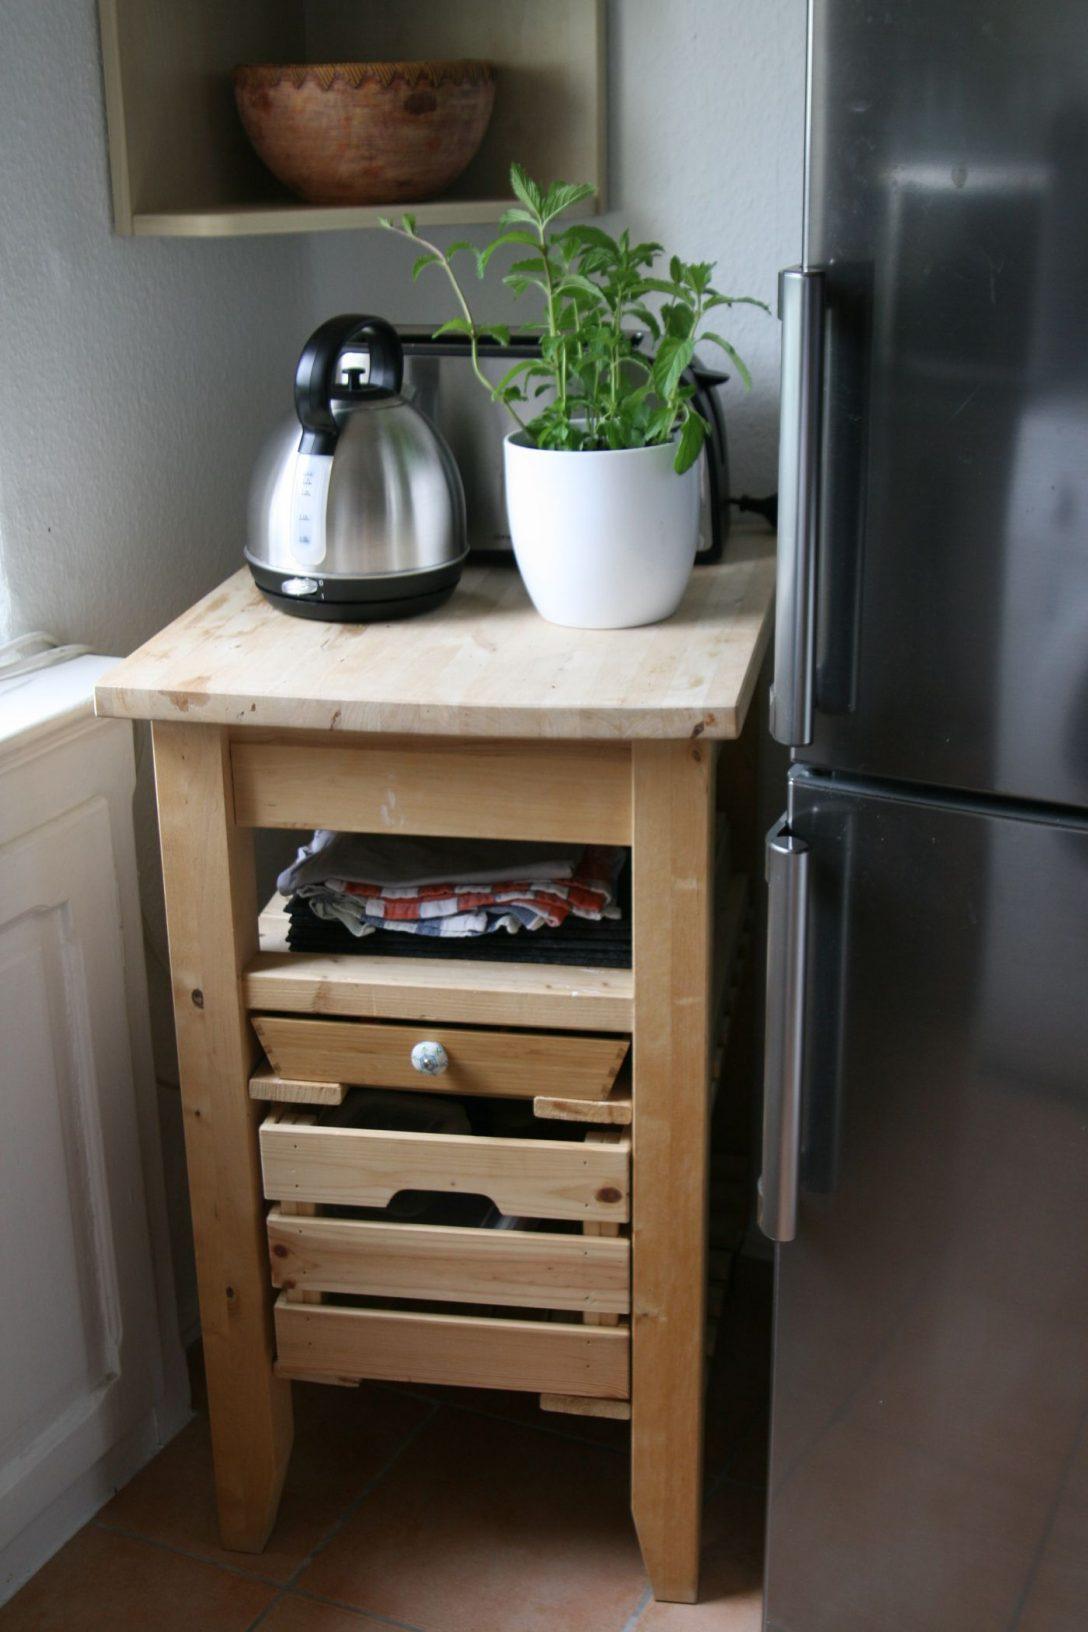 Large Size of Küchenregal Ikea Hack Kchenregal Küche Kaufen Sofa Mit Schlaffunktion Miniküche Betten Bei Modulküche Kosten 160x200 Wohnzimmer Küchenregal Ikea